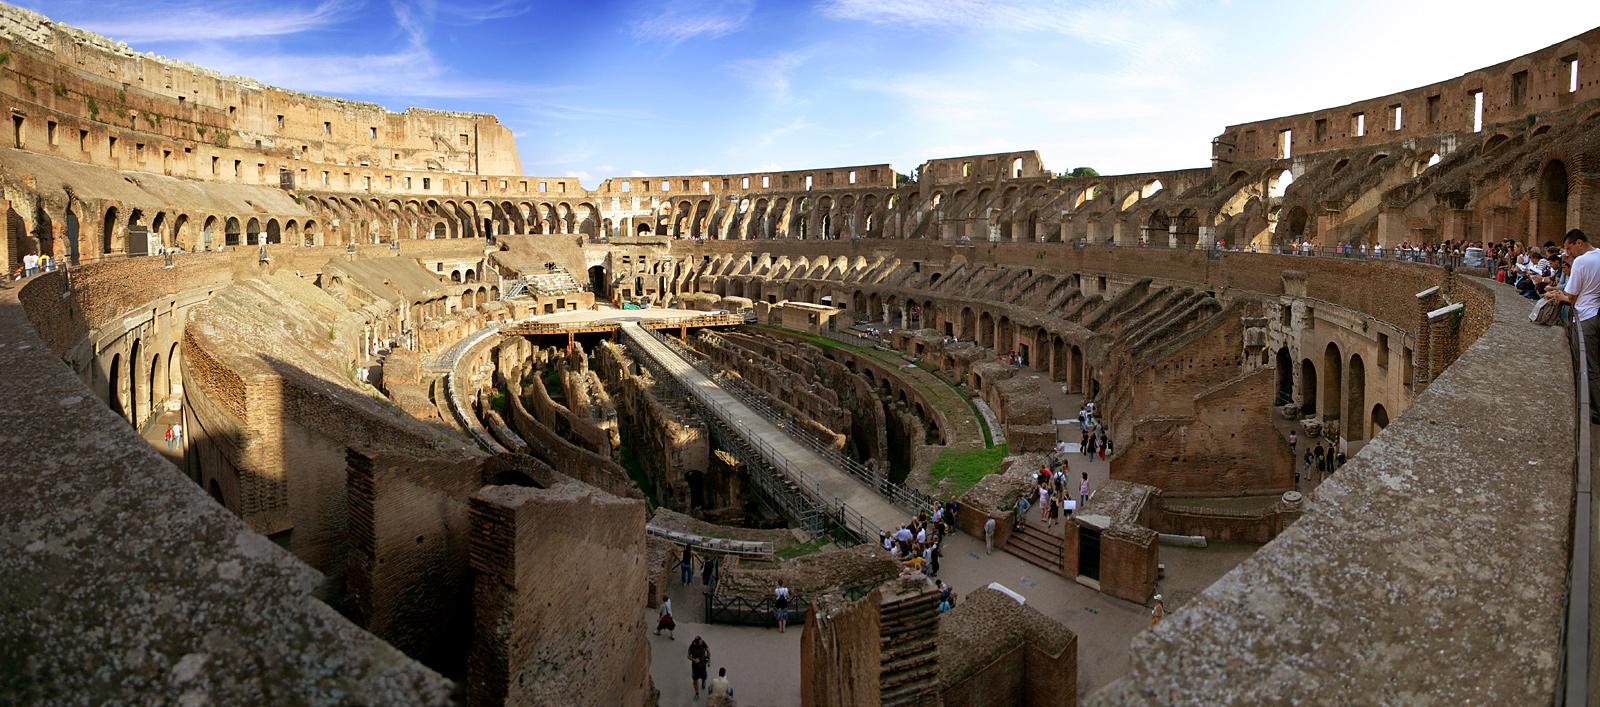 羅馬競技場 (Photo by Stefan Bauer, License: CC BY-SA 2.5, 圖片來源www.ferras.at)